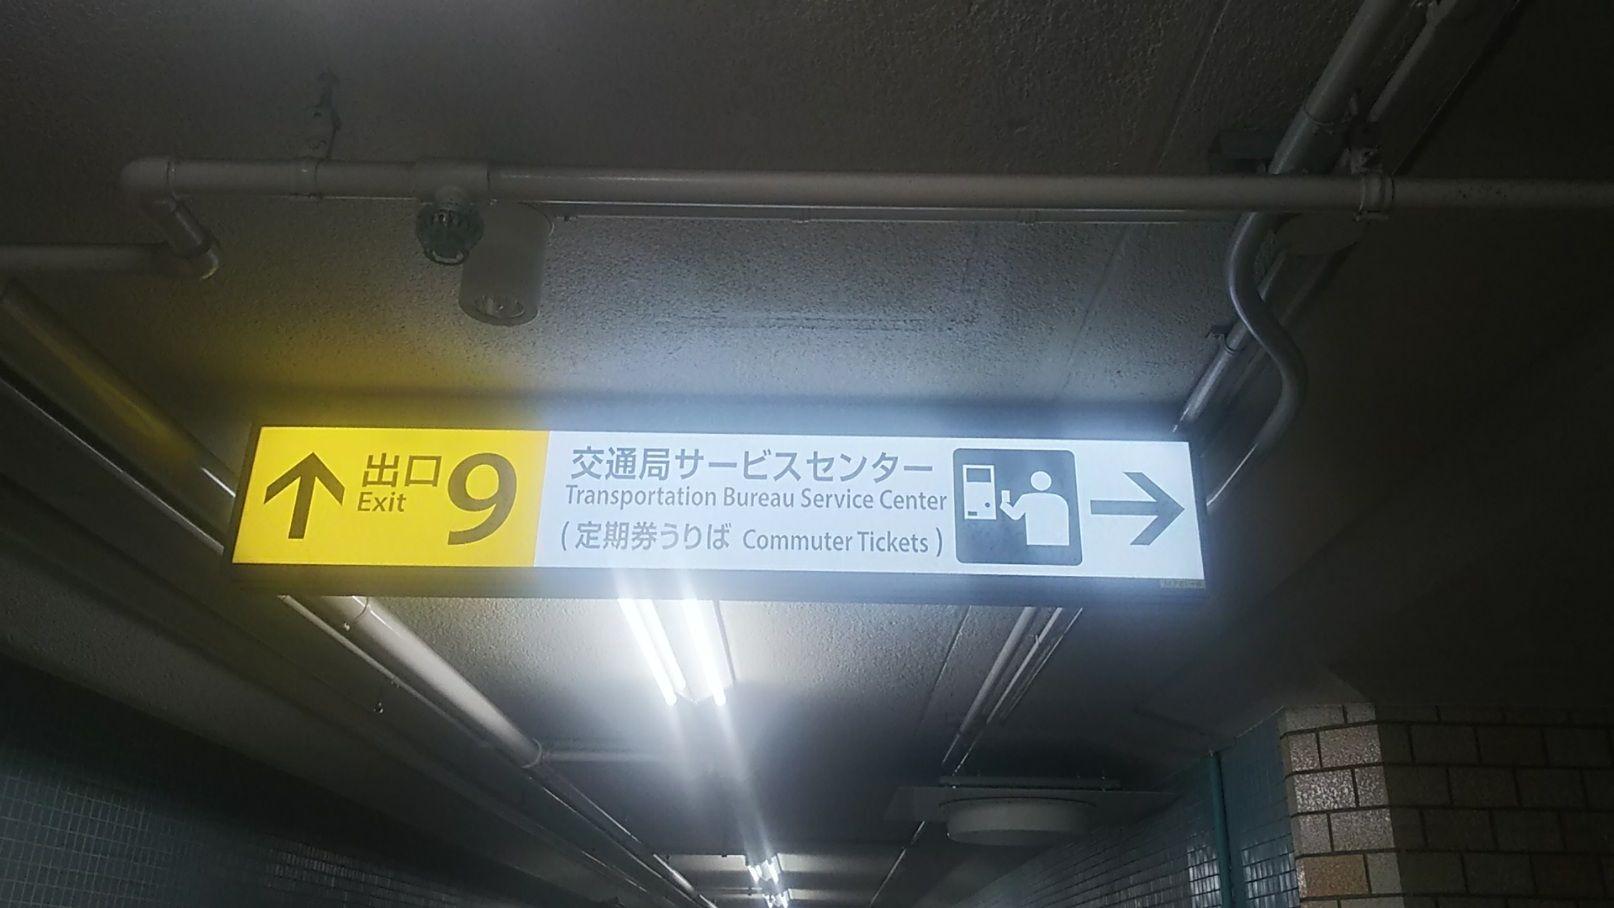 名古屋市営地下鉄 定期 クレジットカード